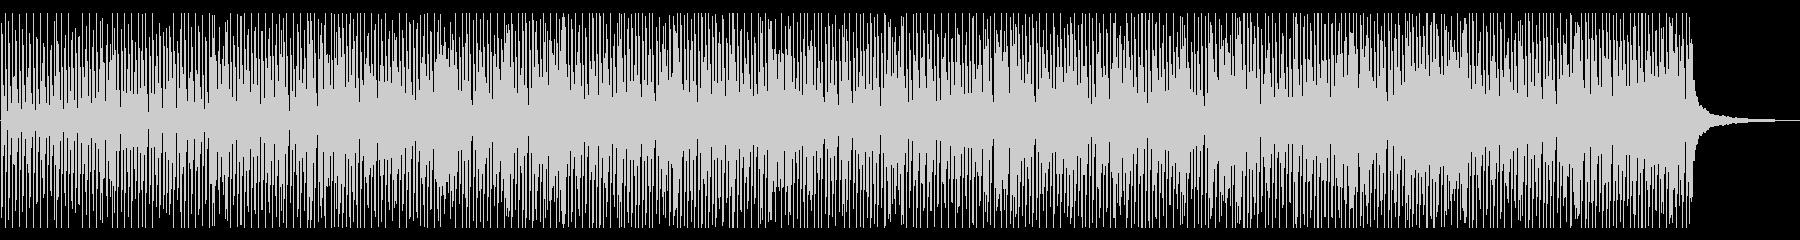 明るく朗らかなコンセプトムービー系の未再生の波形